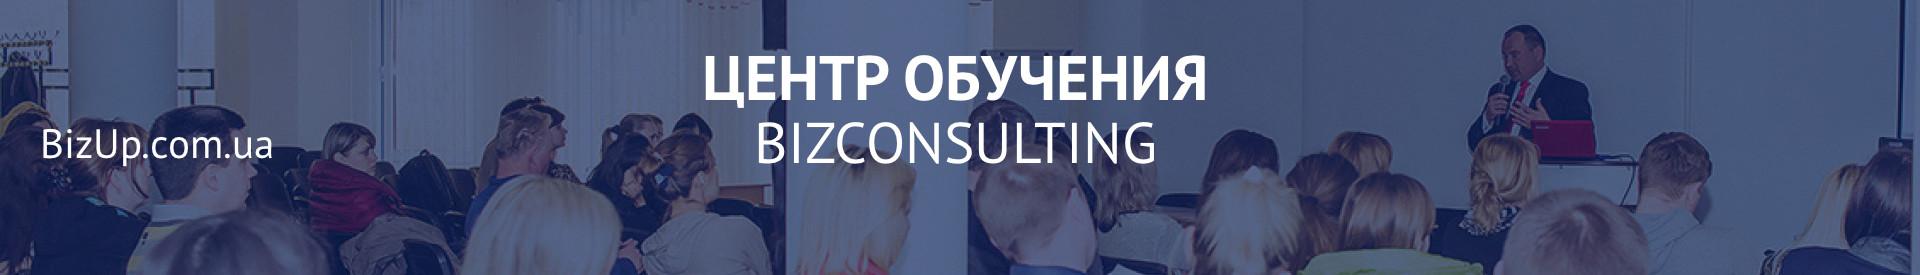 Центр Обучения BizConsulting